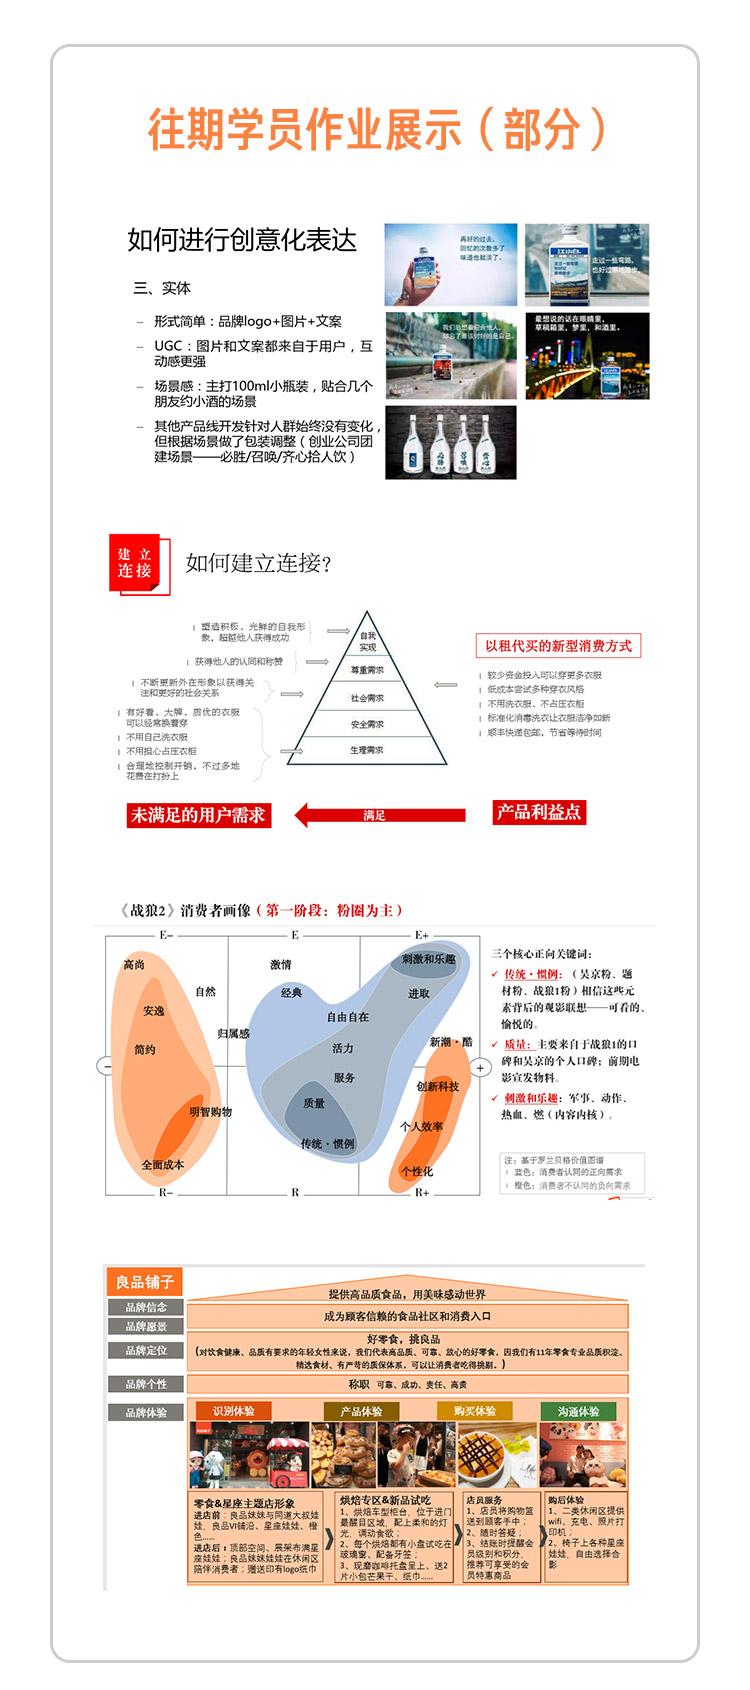 http://mtedu-img.oss-cn-beijing-internal.aliyuncs.com/ueditor/20180227175121_796631.jpg